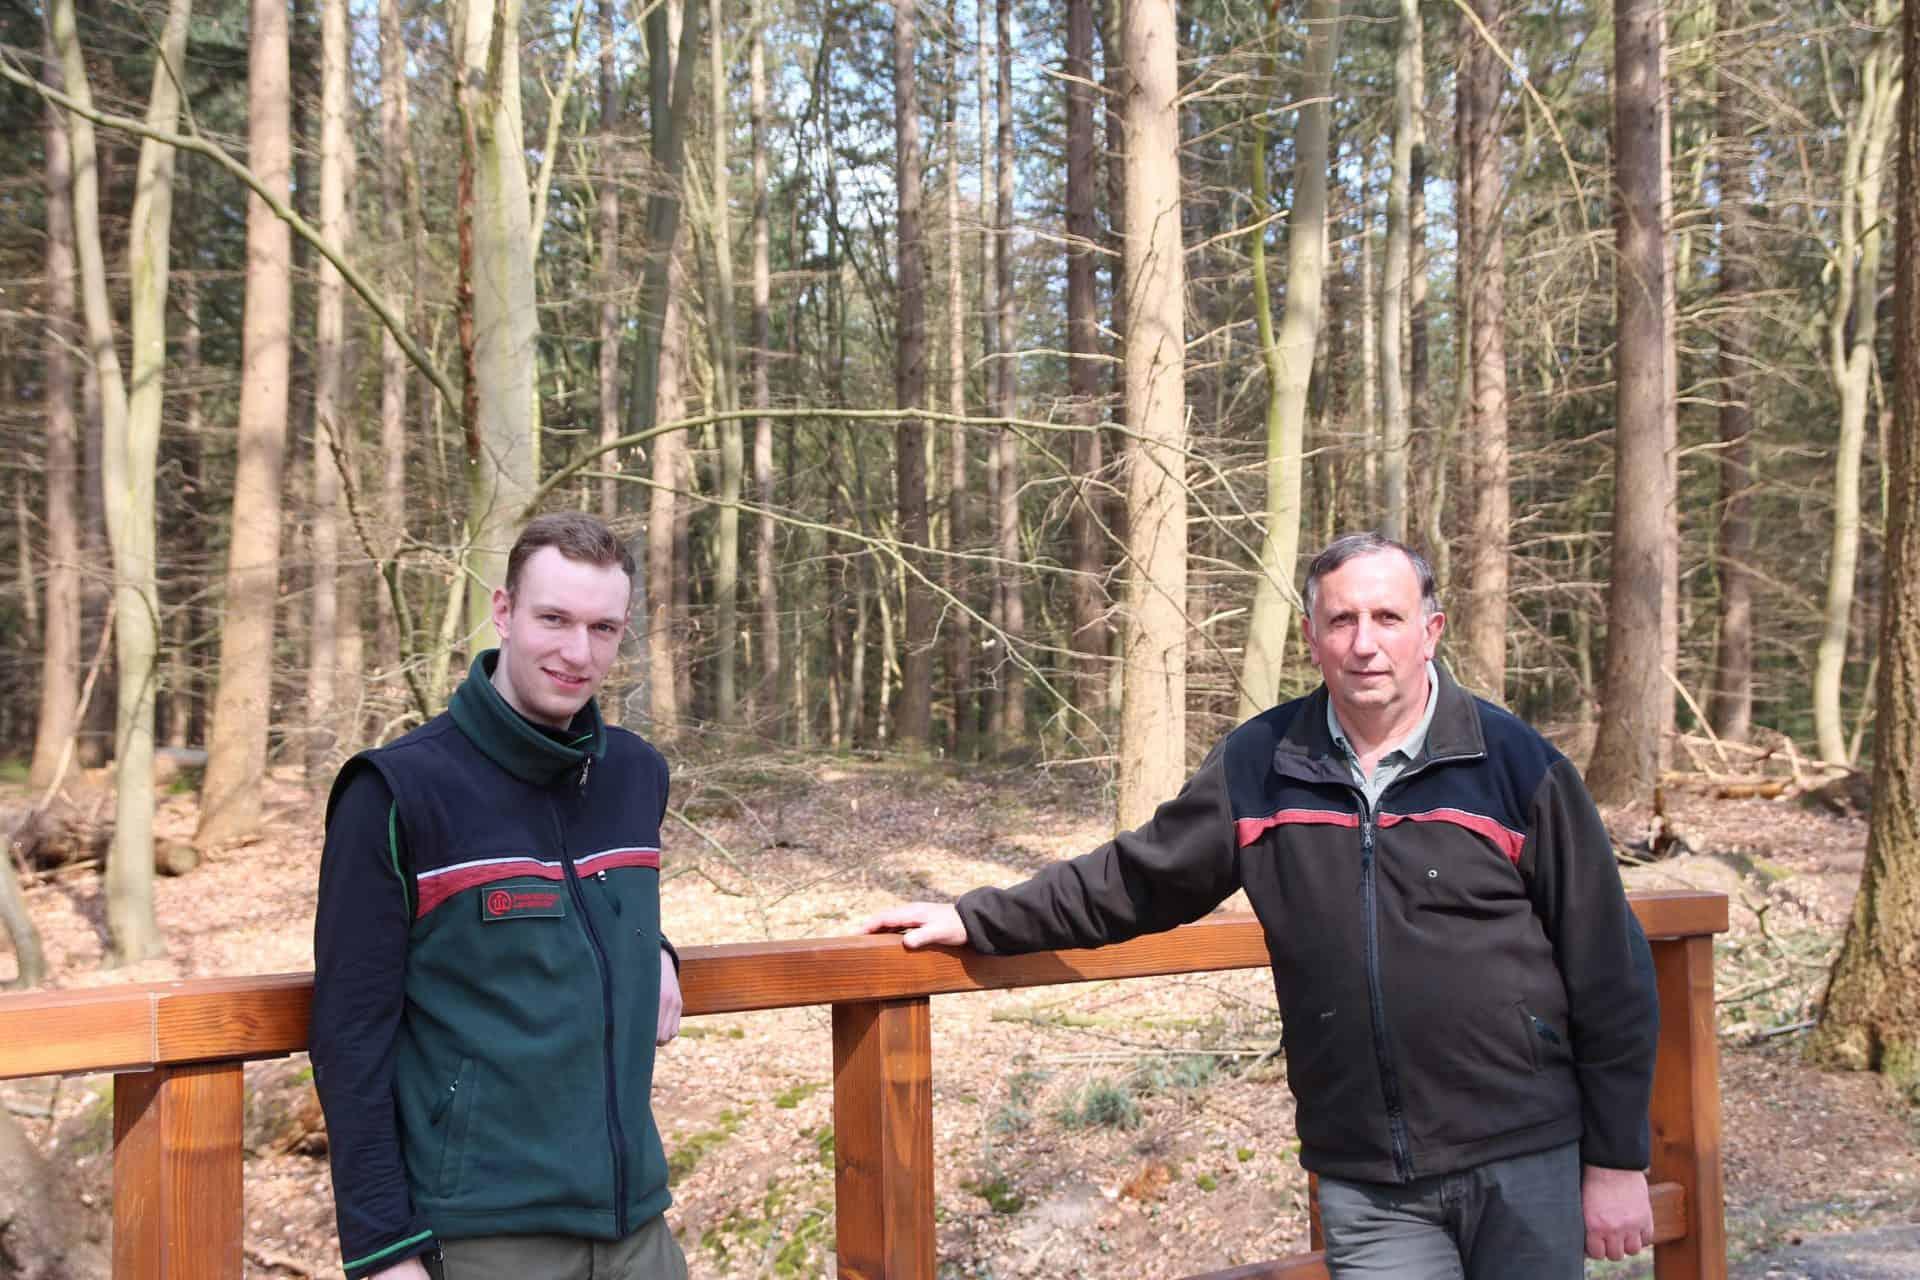 Revierleiter der Försterei Sandkrug geht in den Ruhestand - Niedersächsische Landesforsten